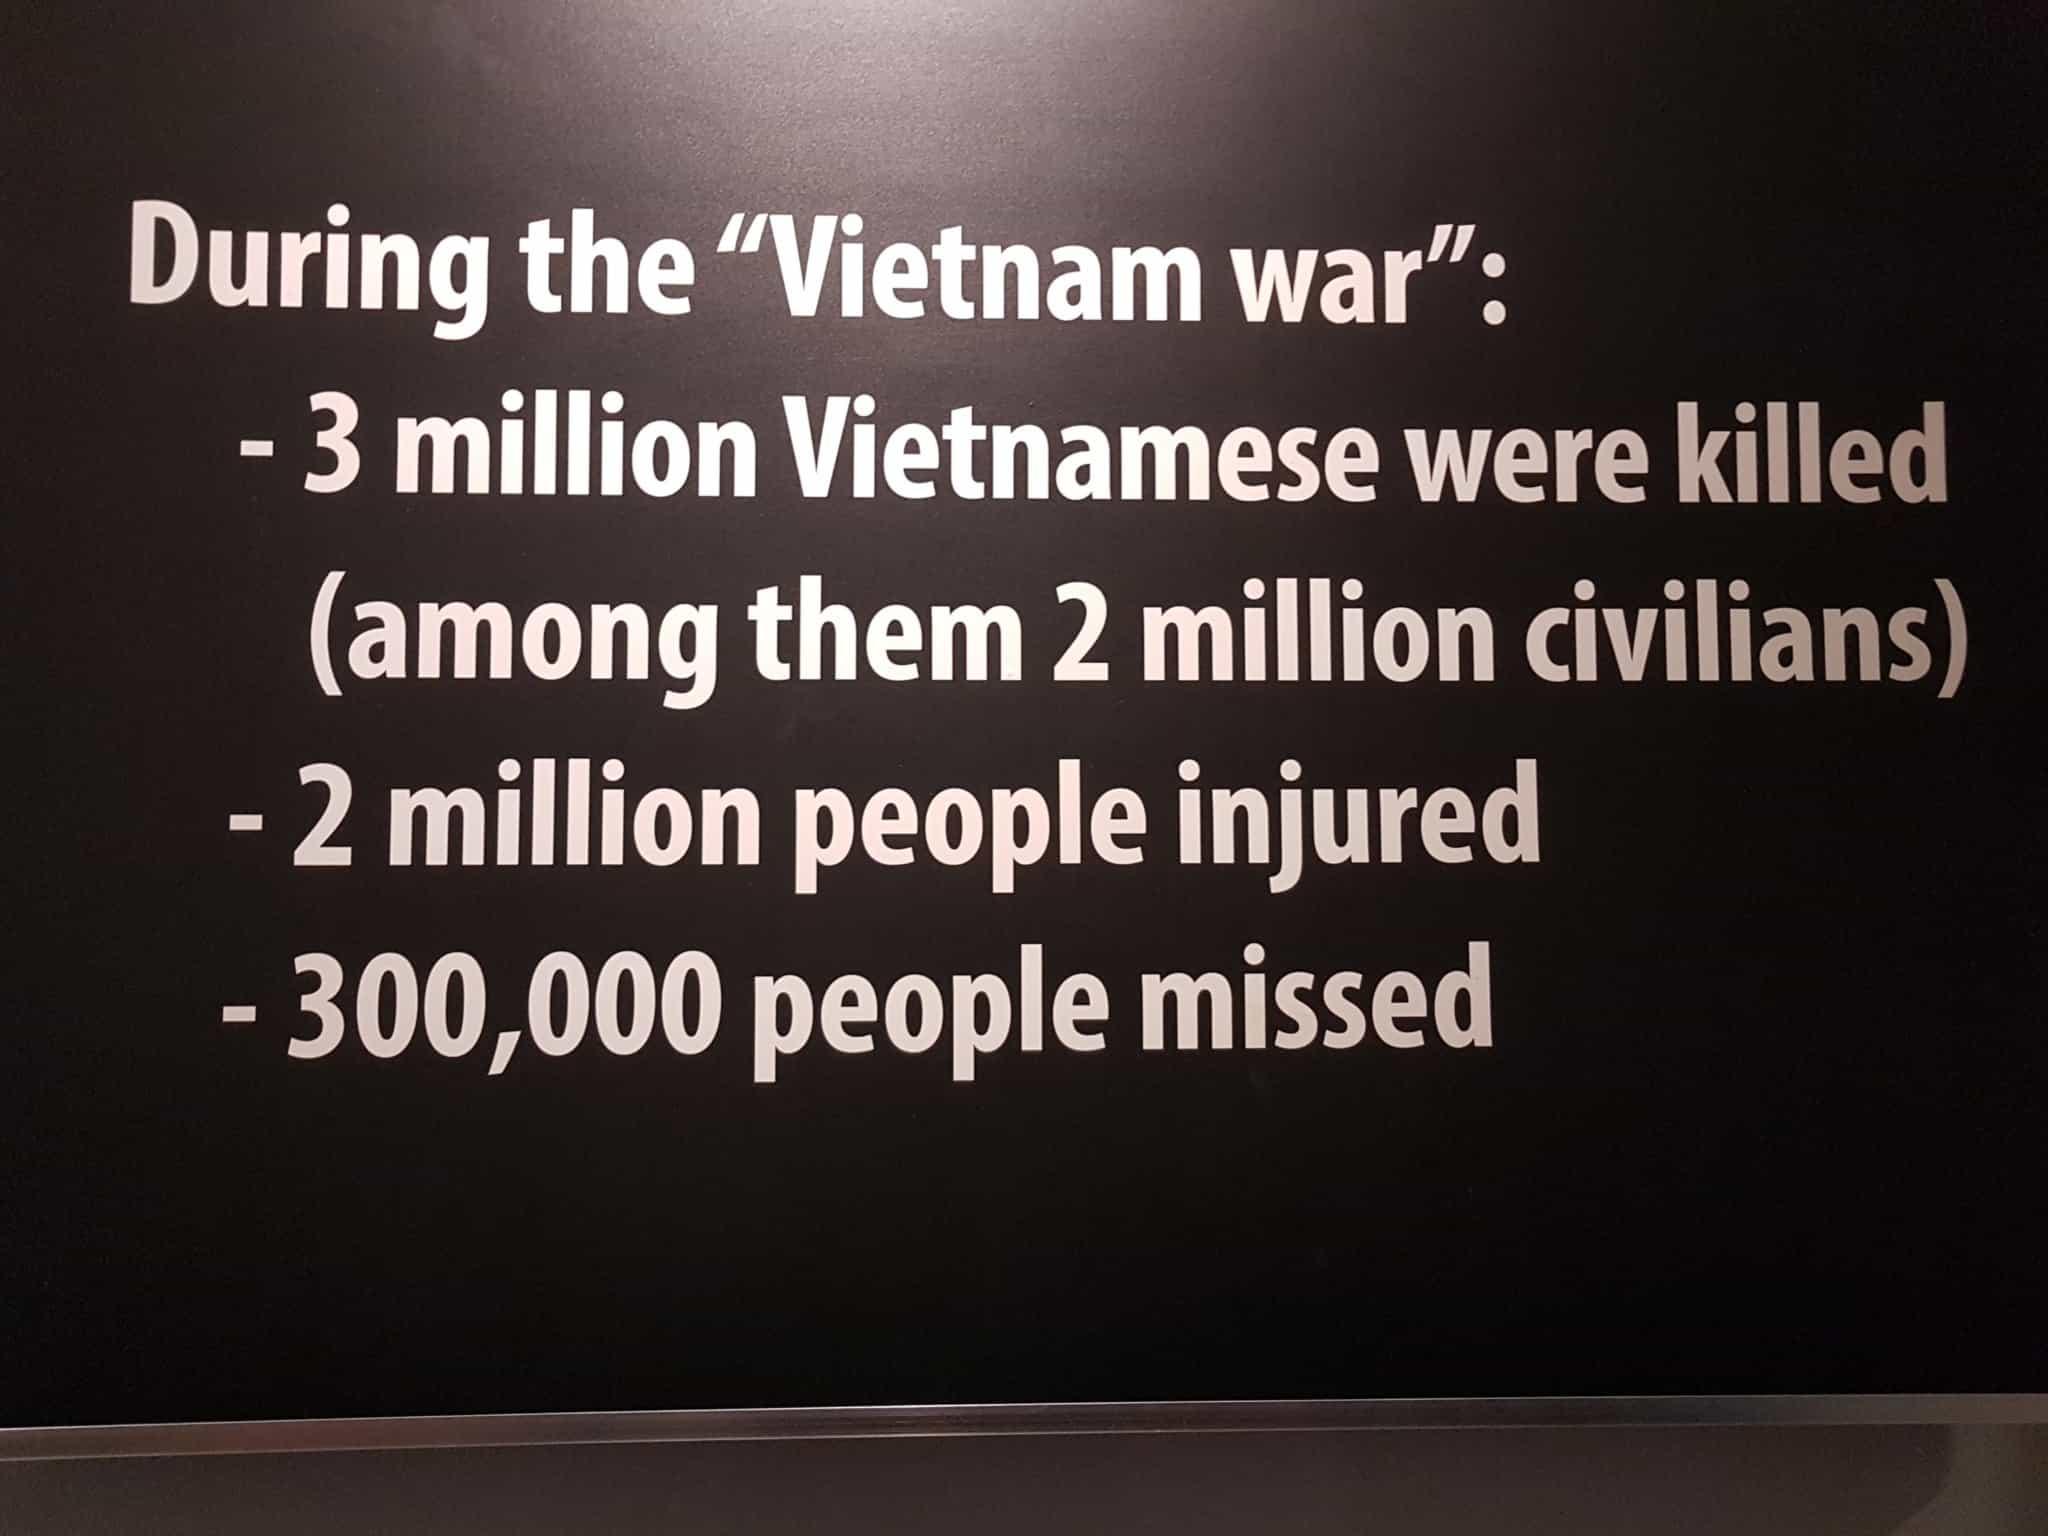 Vietnam, on visite le Musée des Vestiges de Guerre pour comprendre l'histoire du pays 📖 13